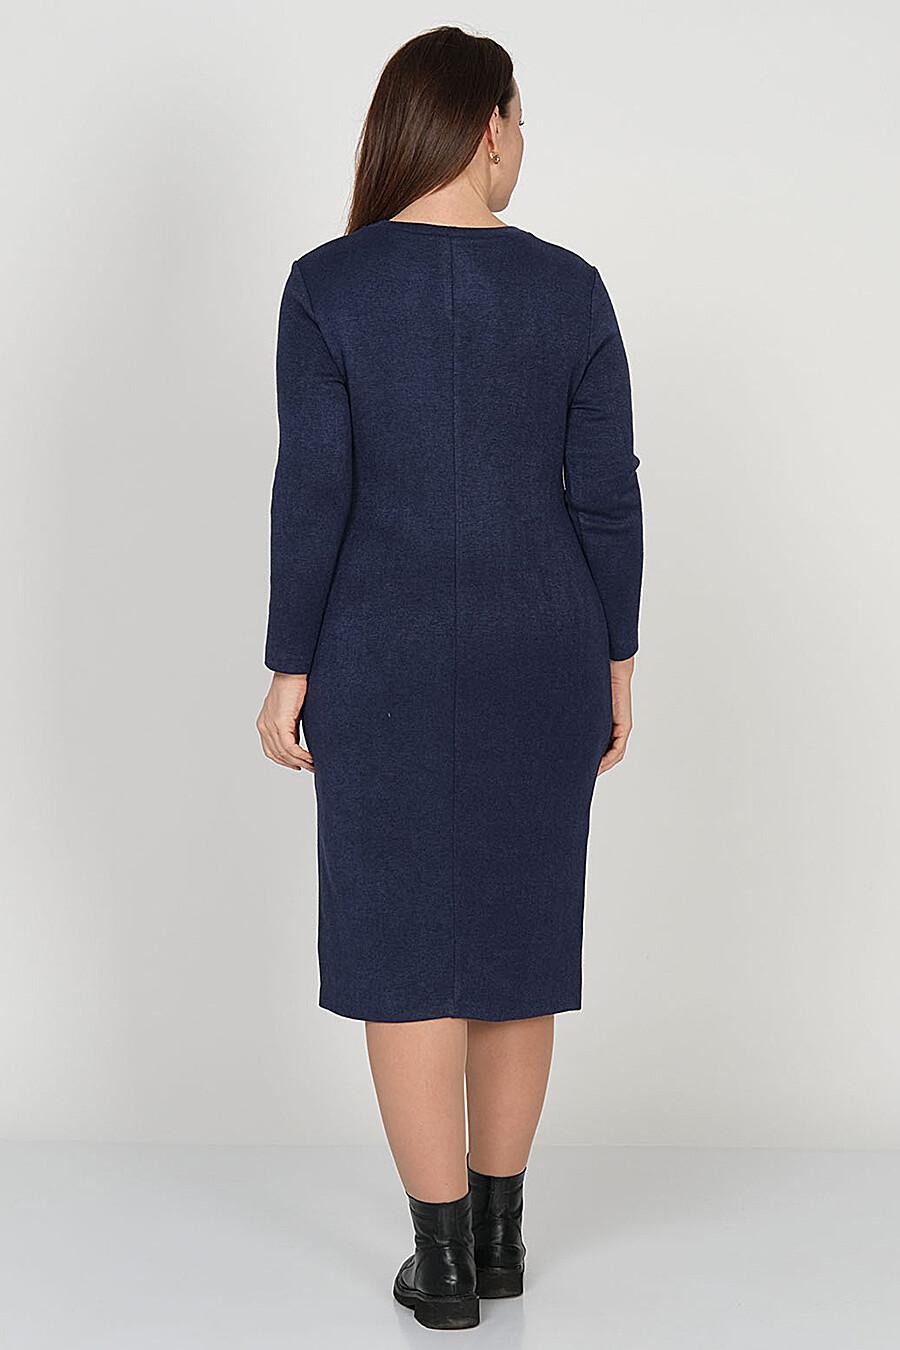 Платье для женщин AMARTI 169513 купить оптом от производителя. Совместная покупка женской одежды в OptMoyo